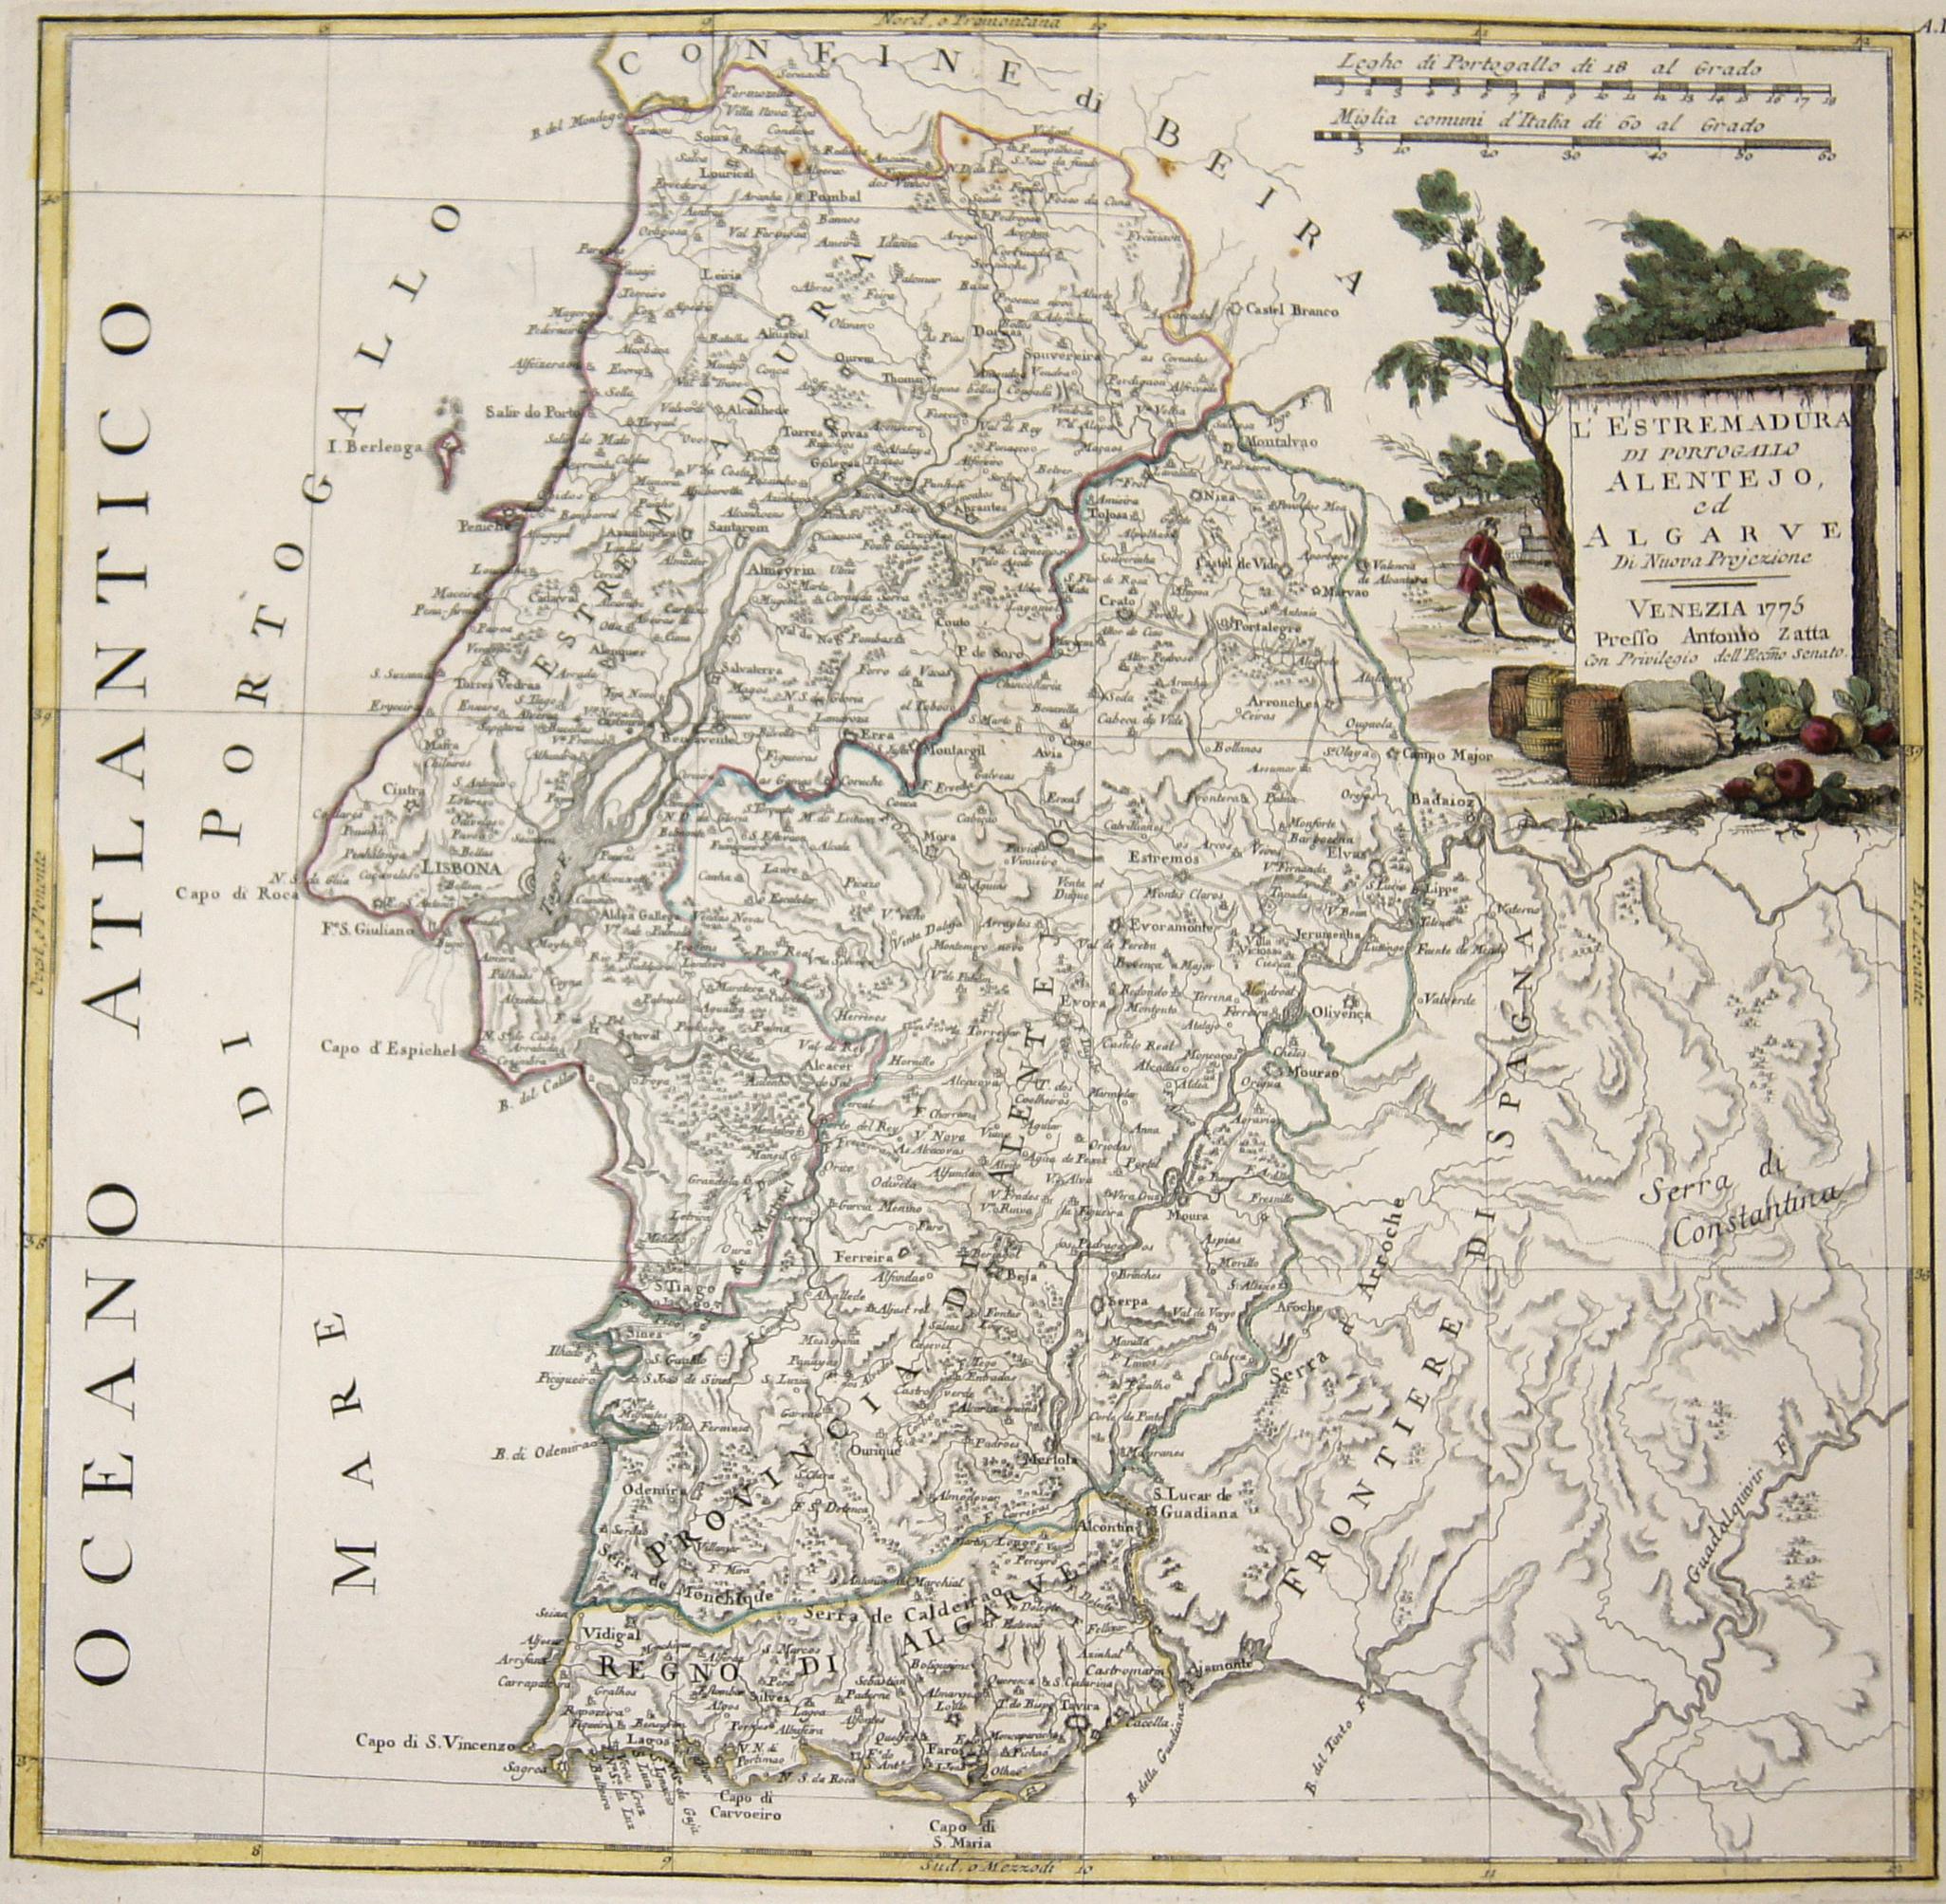 Zatta  L' Estremadura di Portogallo Alentejo, ed Algarve